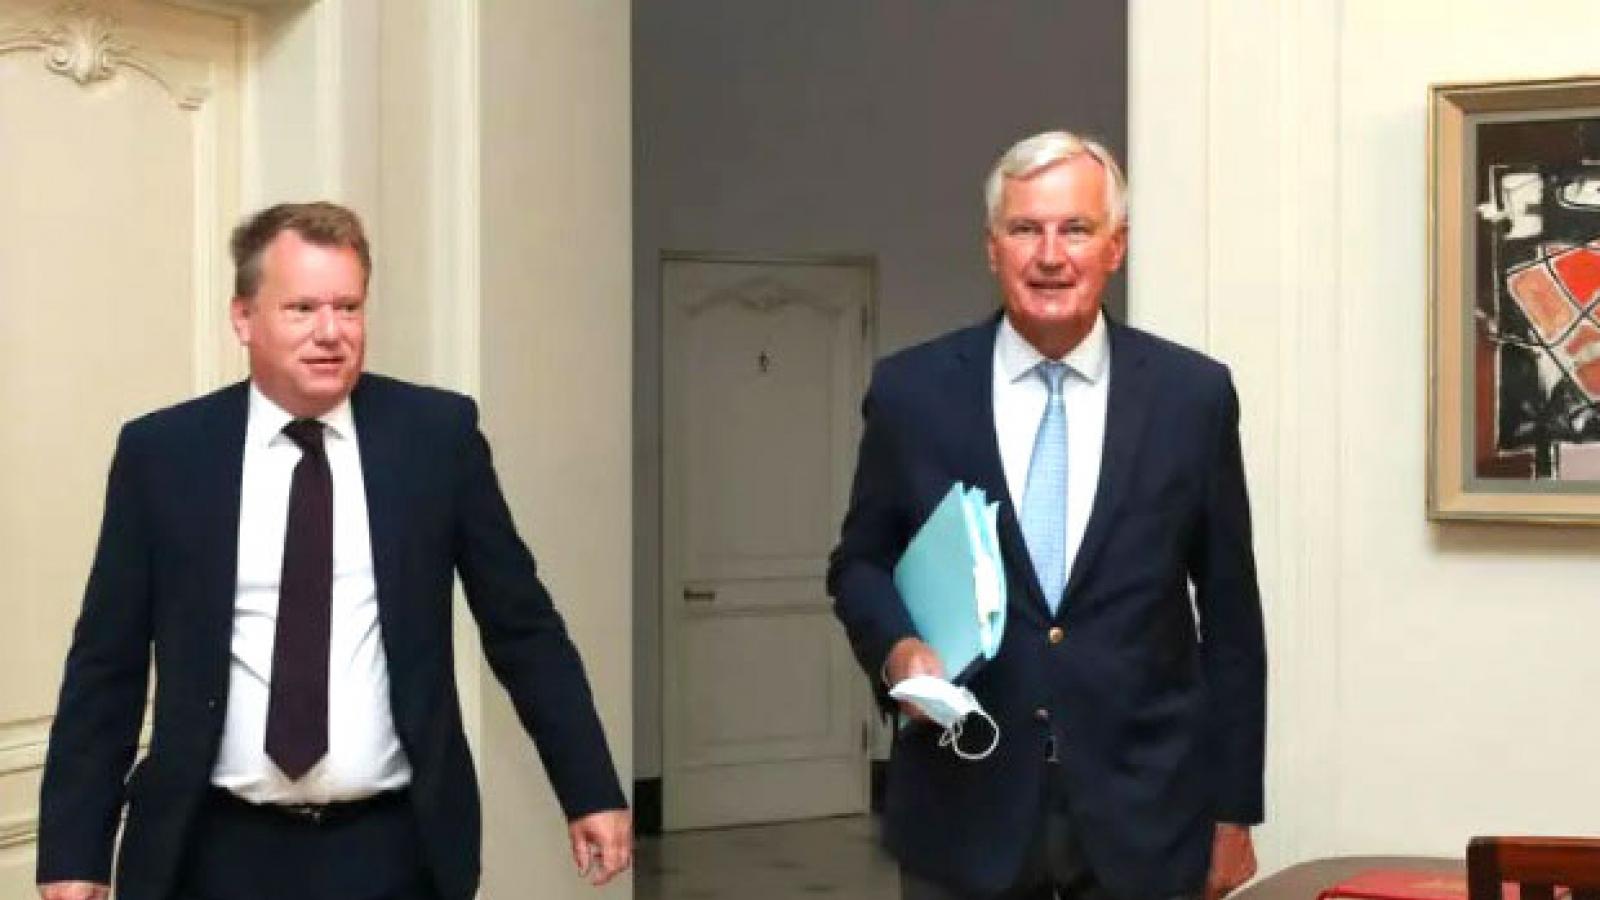 Anh nối lại đàm phán hậu Brexit sau khi EU tỏ ý nhượng bộ